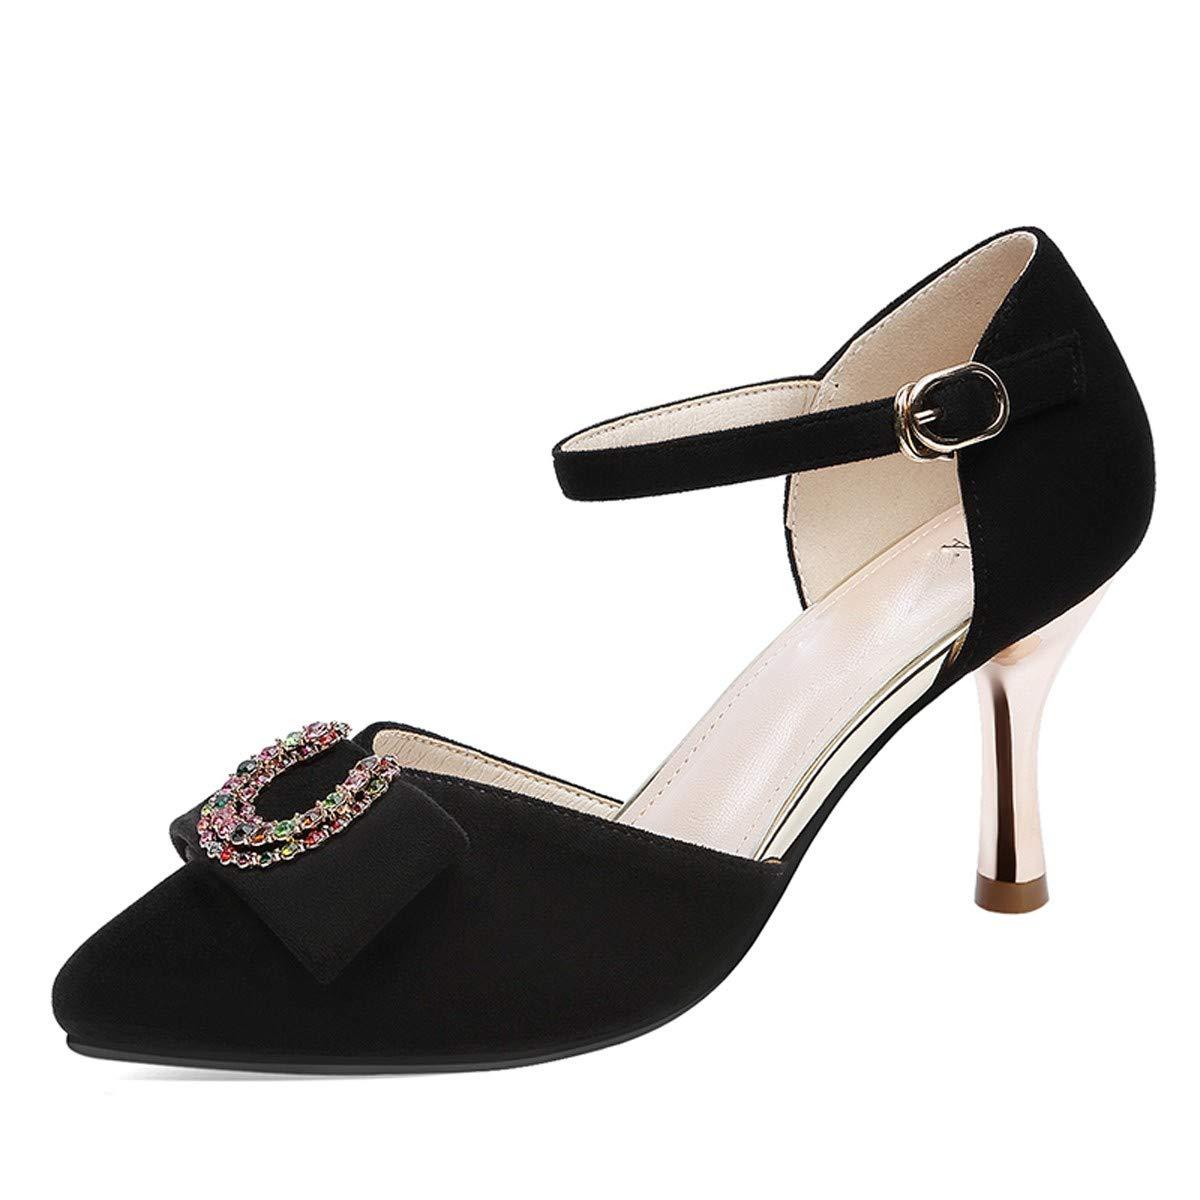 LBTSQ-Baotou Sandaleen Sandaleen 7cm gürtelschnallen Diamond Schuhe mit Hohen absätzen.